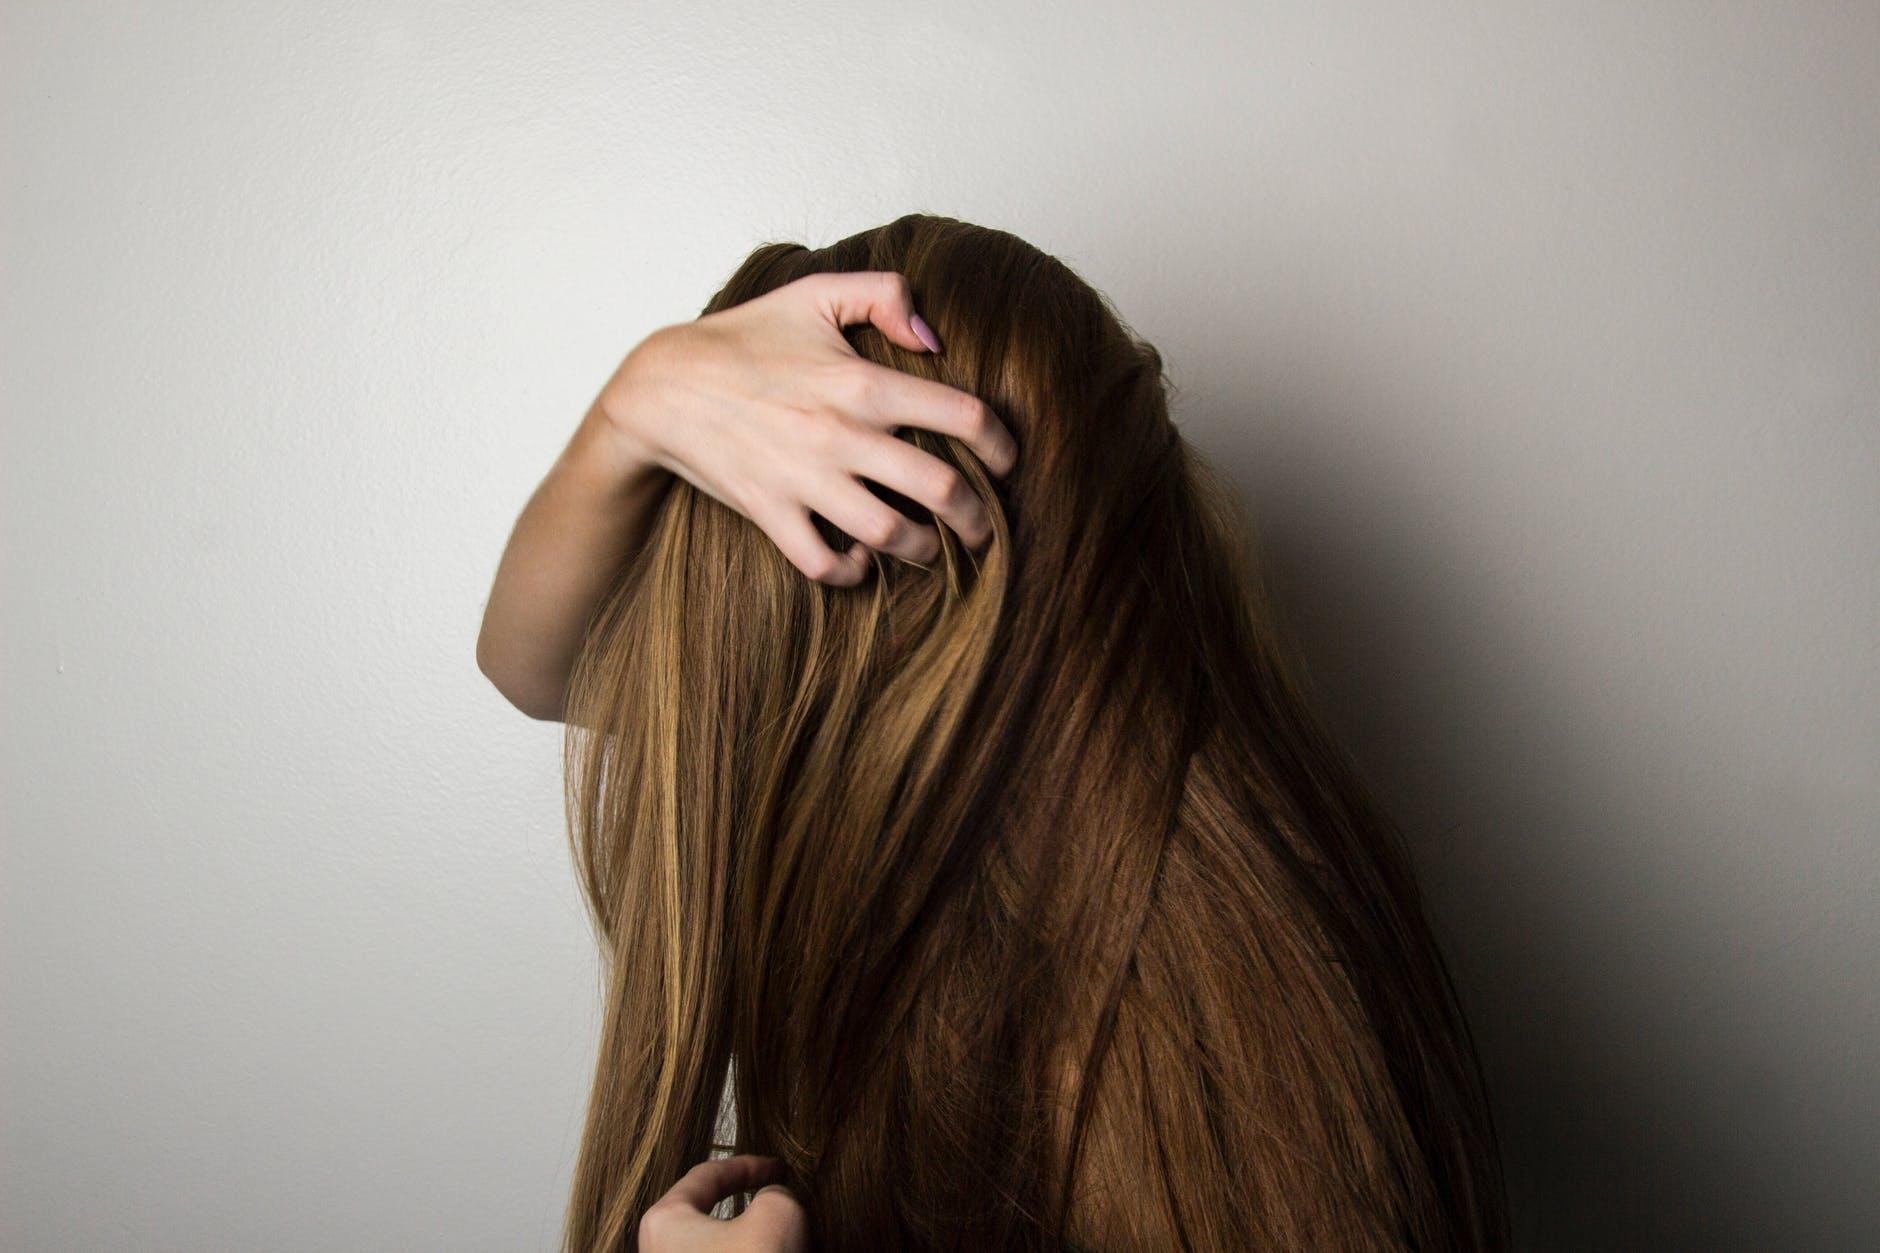 Comment favoriser la pousse des cheveux ?